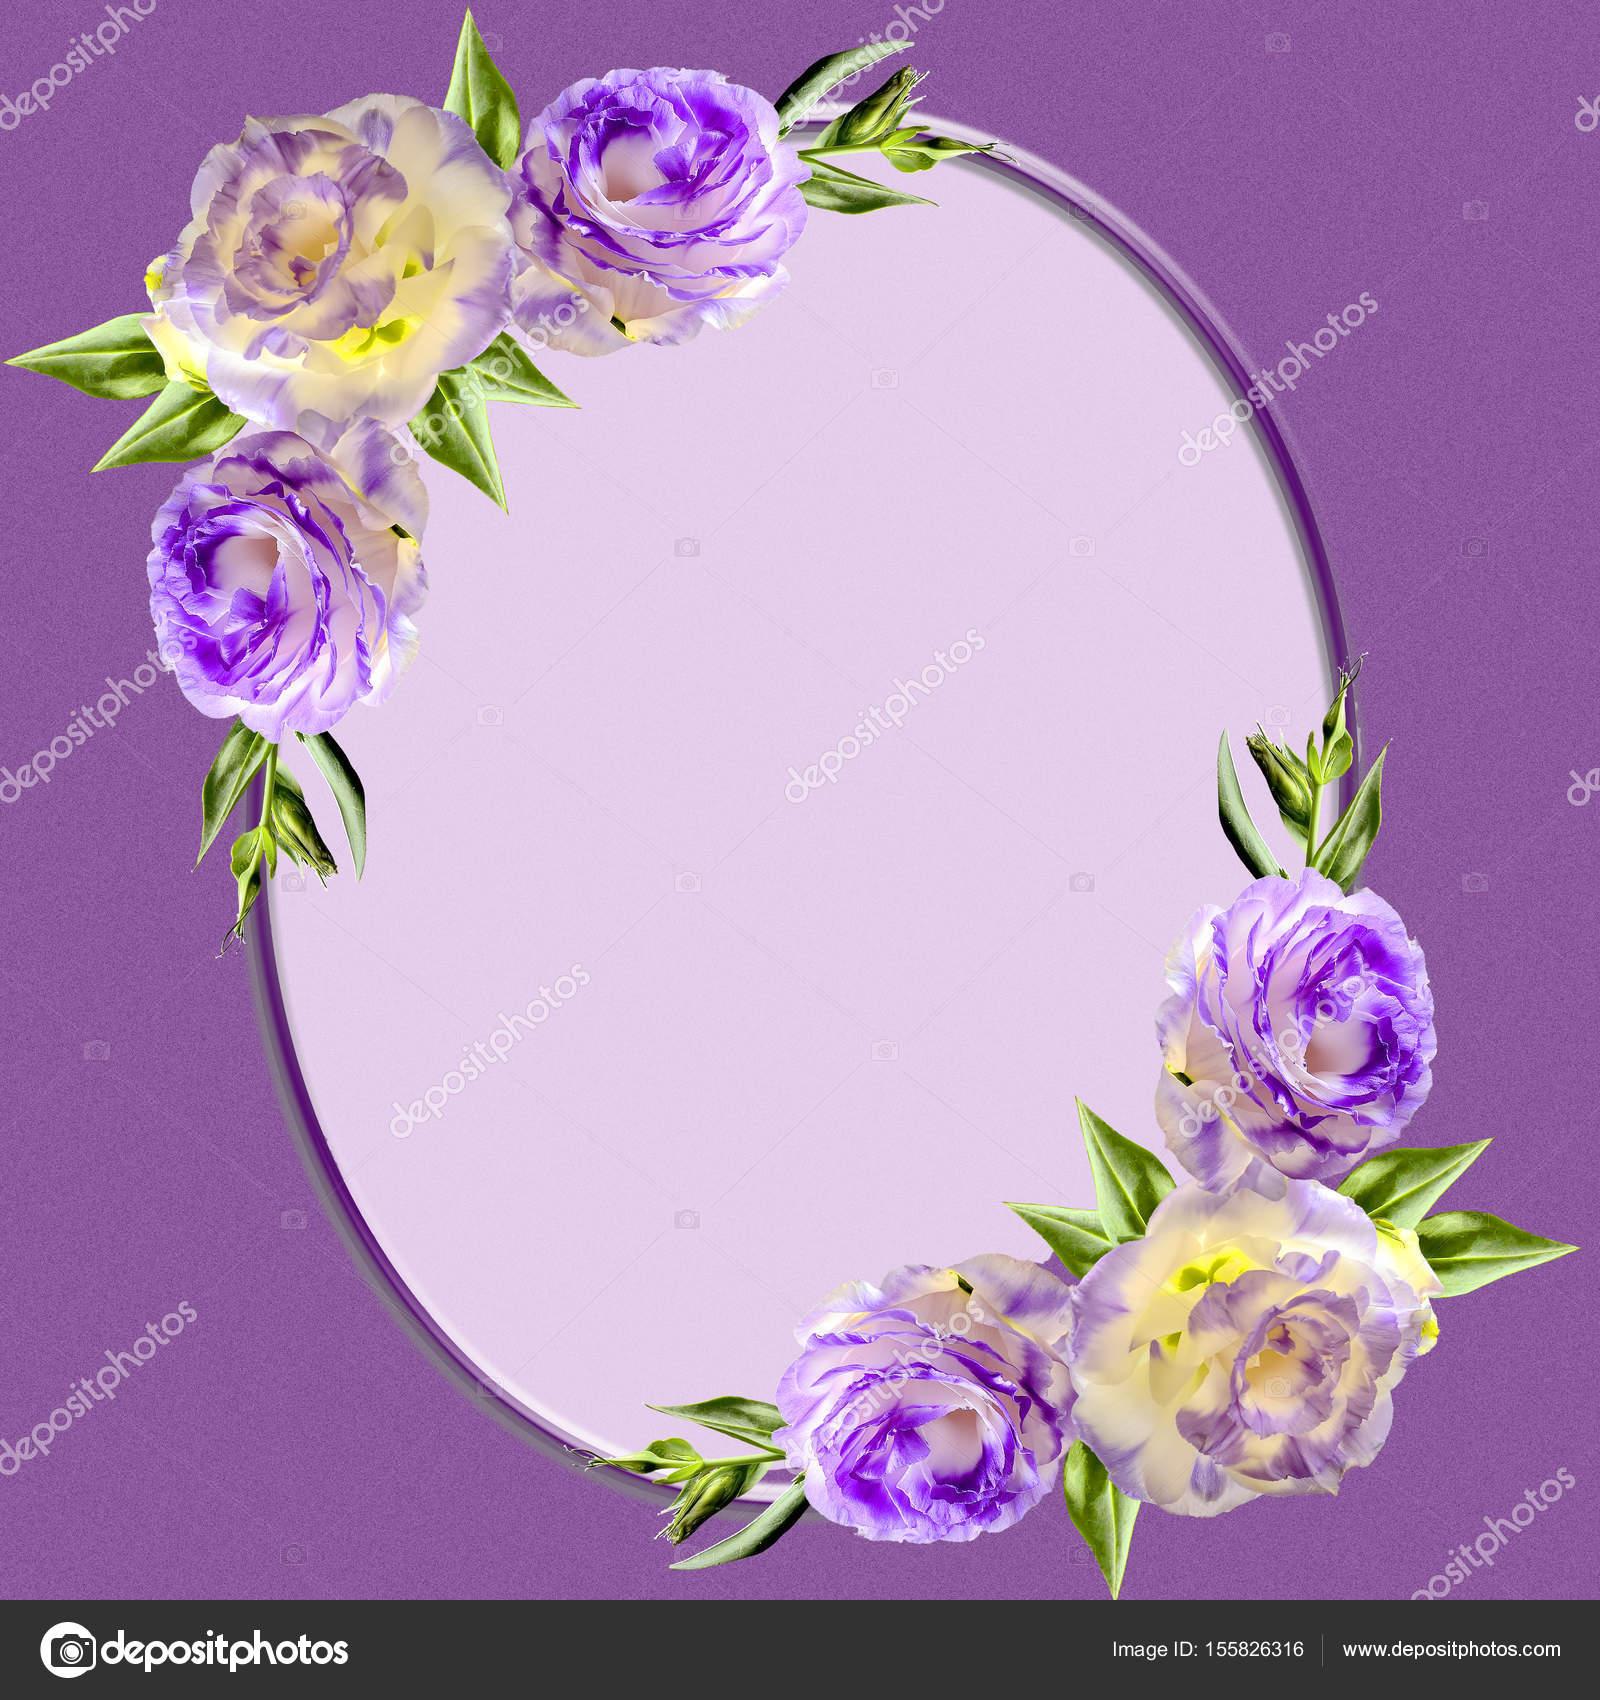 Vintage marco oval decorado con flores de color púrpura eustoma ...